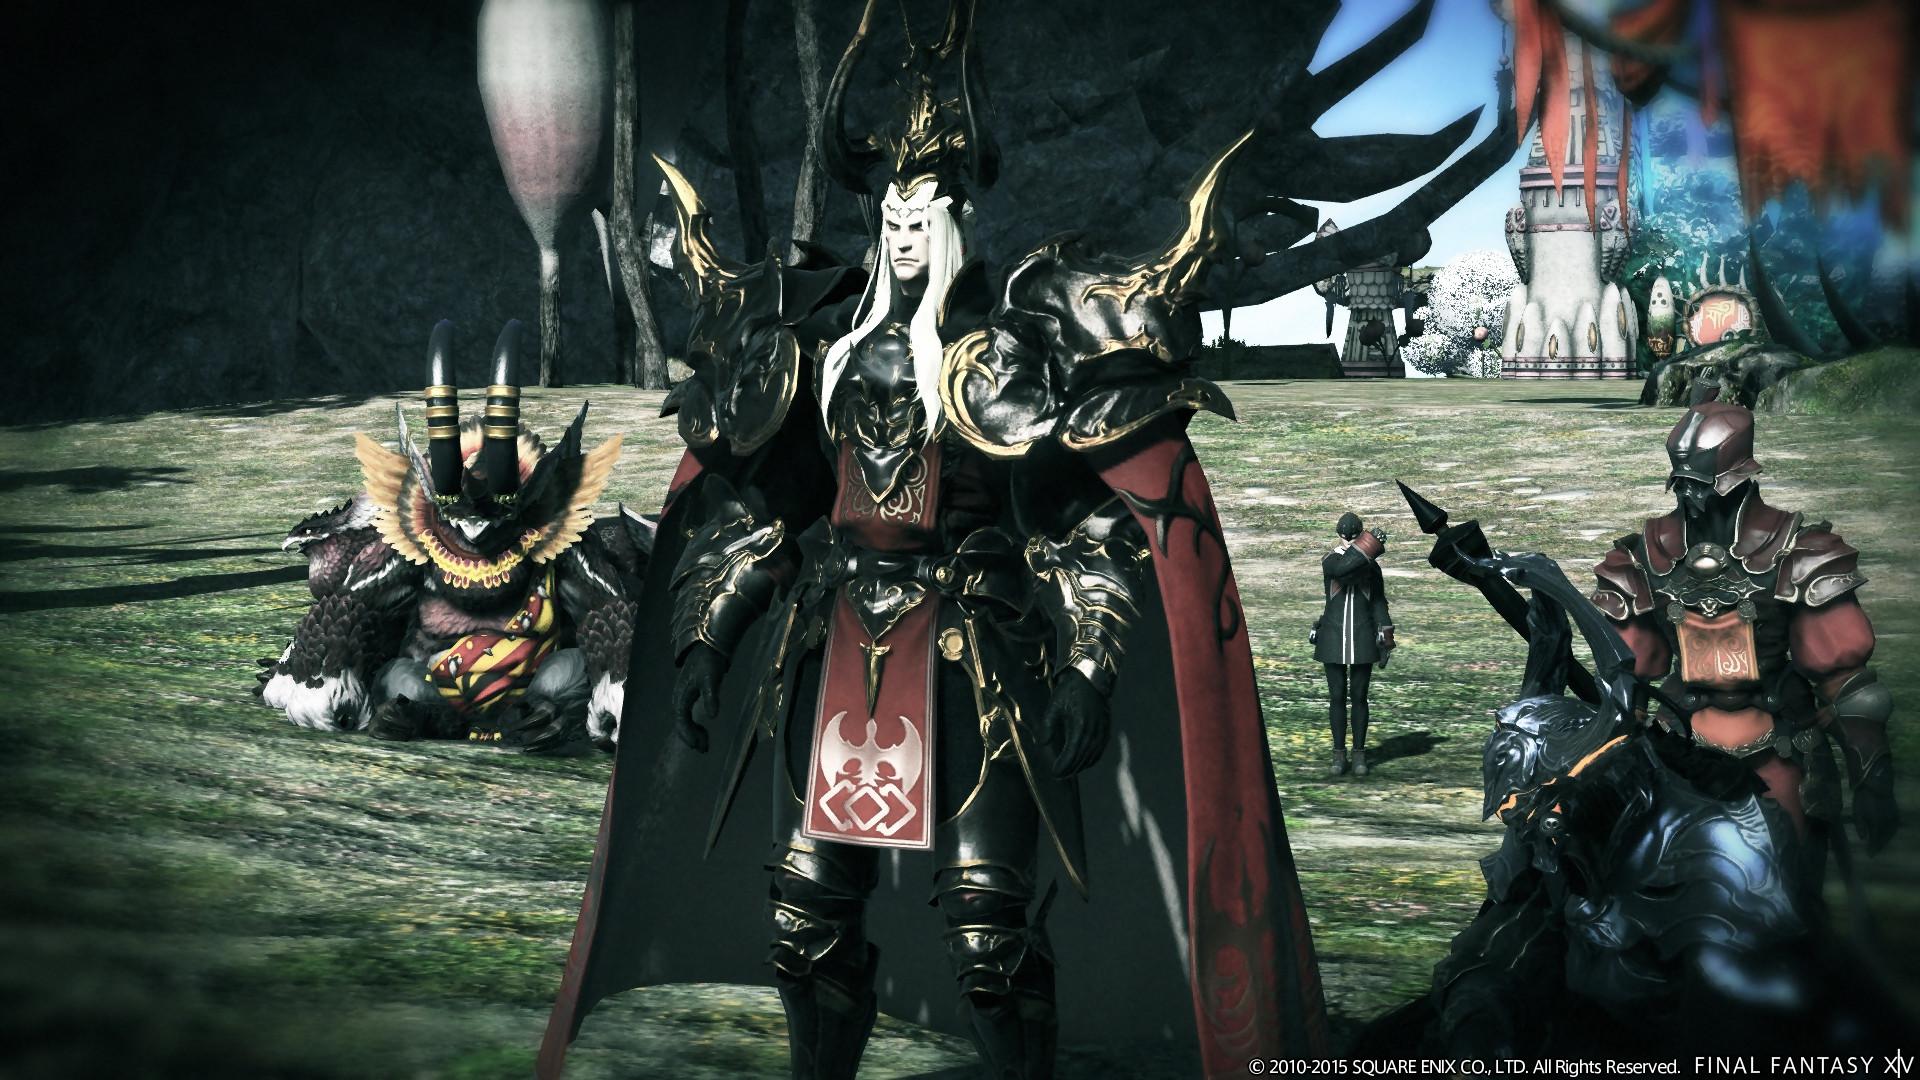 Final Fantasy XIV Heavensward Quelles Sont Les Nouveauts